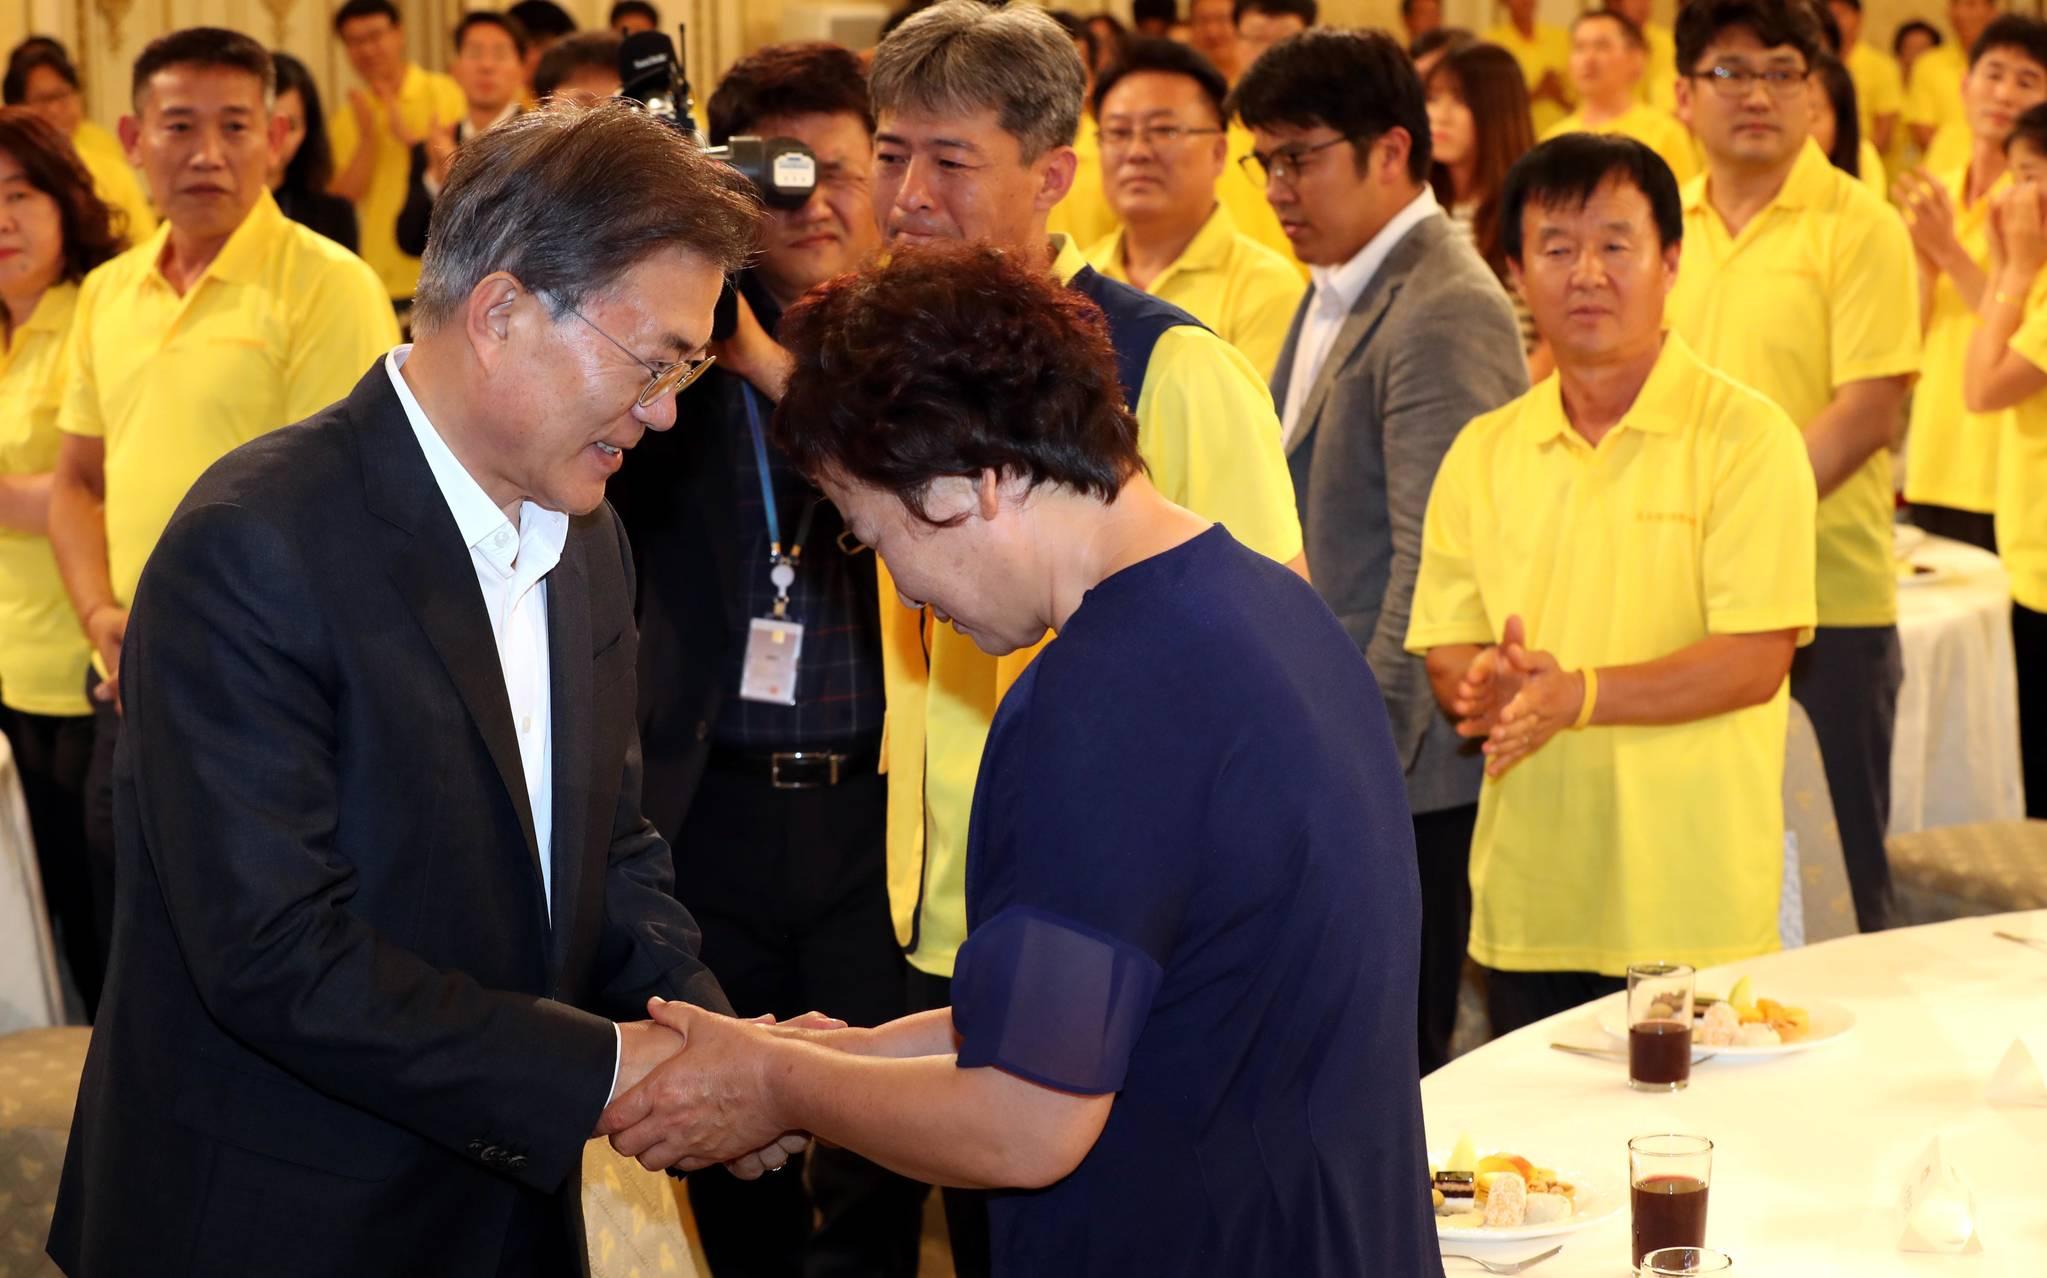 문재인 대통령이 지난해 8월16일 오후 청와대 영빈관에서 열린 4.16 세월호 참사 피해자 가족 초청 간담회에서 한 참석자의 손을 잡아주고 있다. 김상선 기자